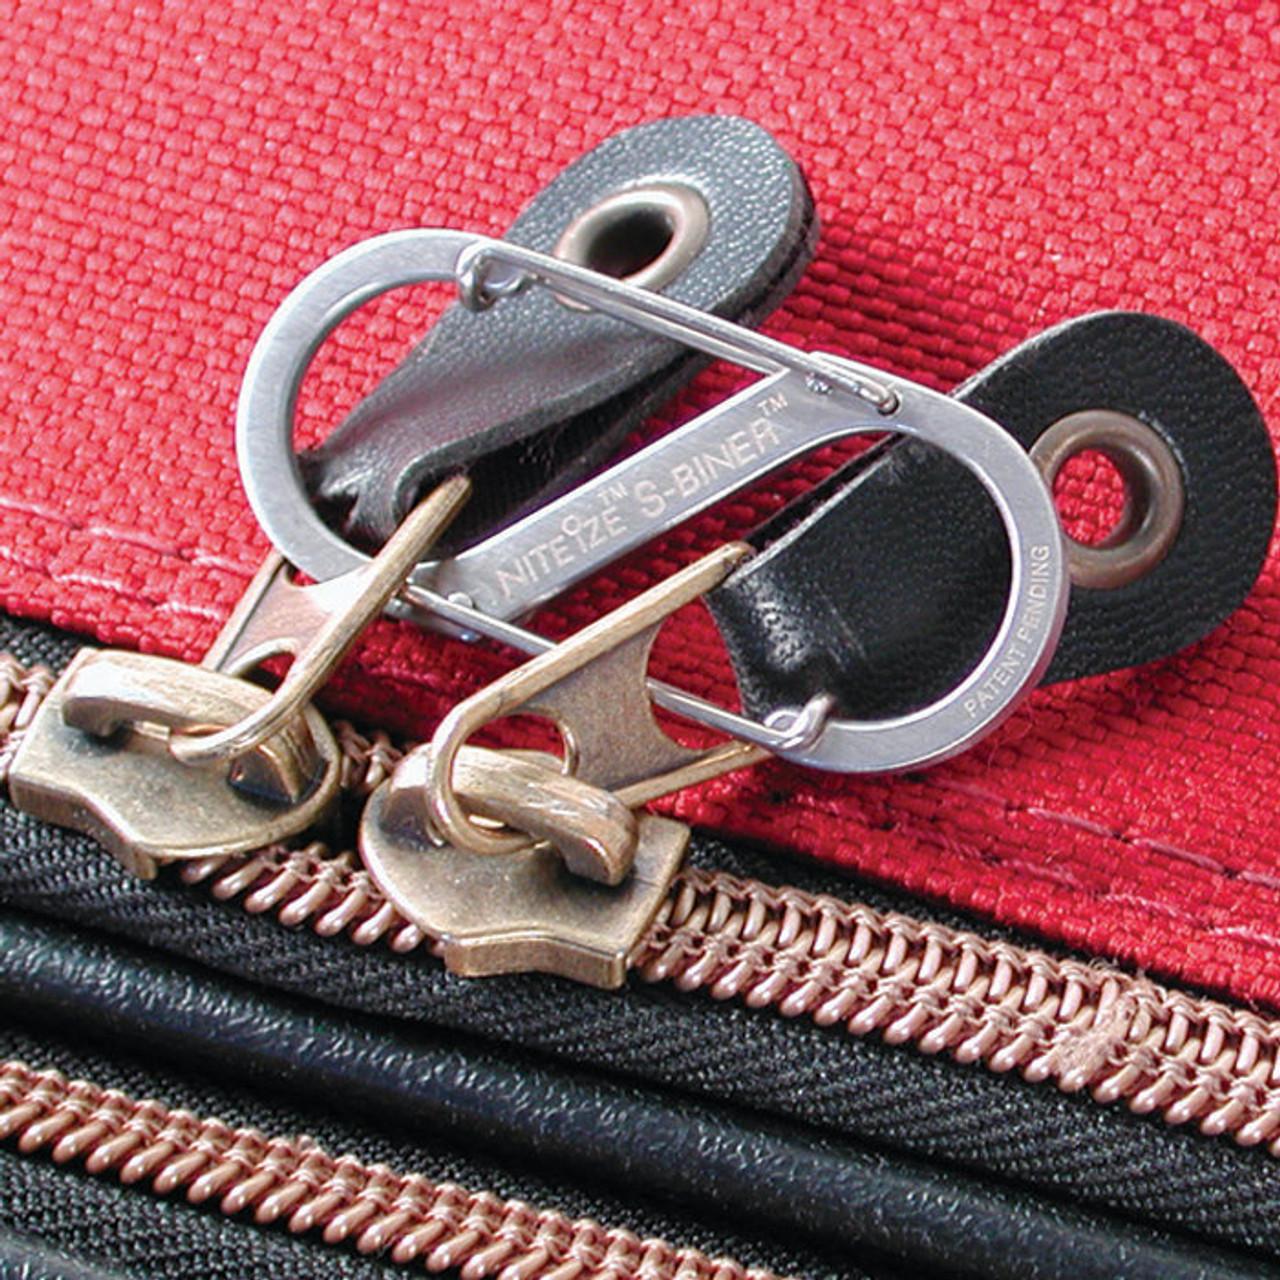 NiteIze S Biner Gated Carabiner 2-Pack